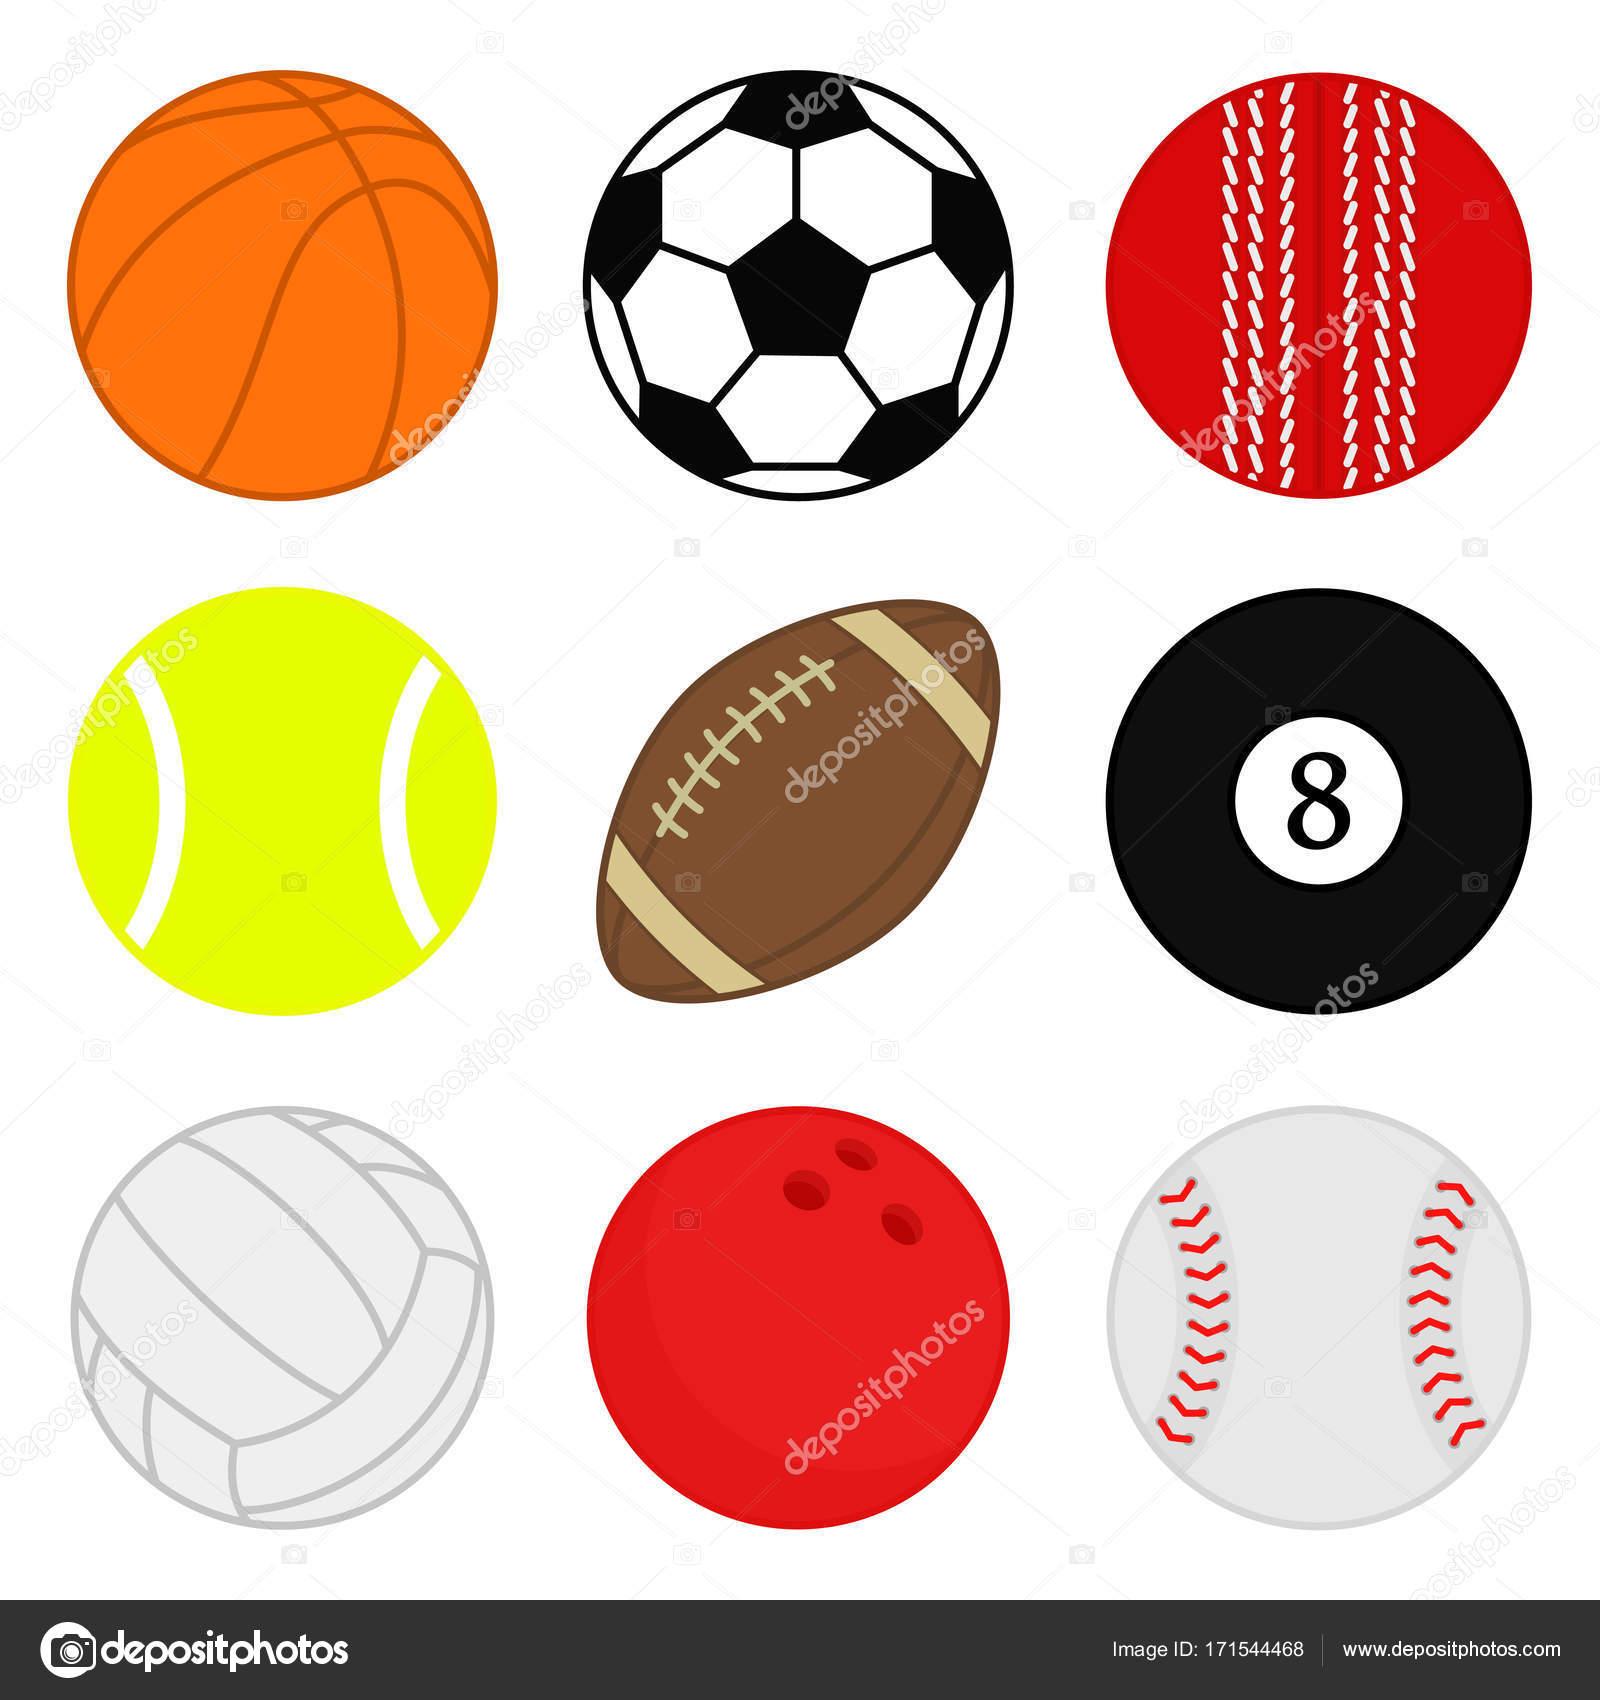 9bf2fe70f65 Pelotas de deportes vector conjunto. Dibujos animados iconos de bola.  Colección de bolas de colores. Ilustración de vector. Estilo plano -  dibujos: bolas de ...